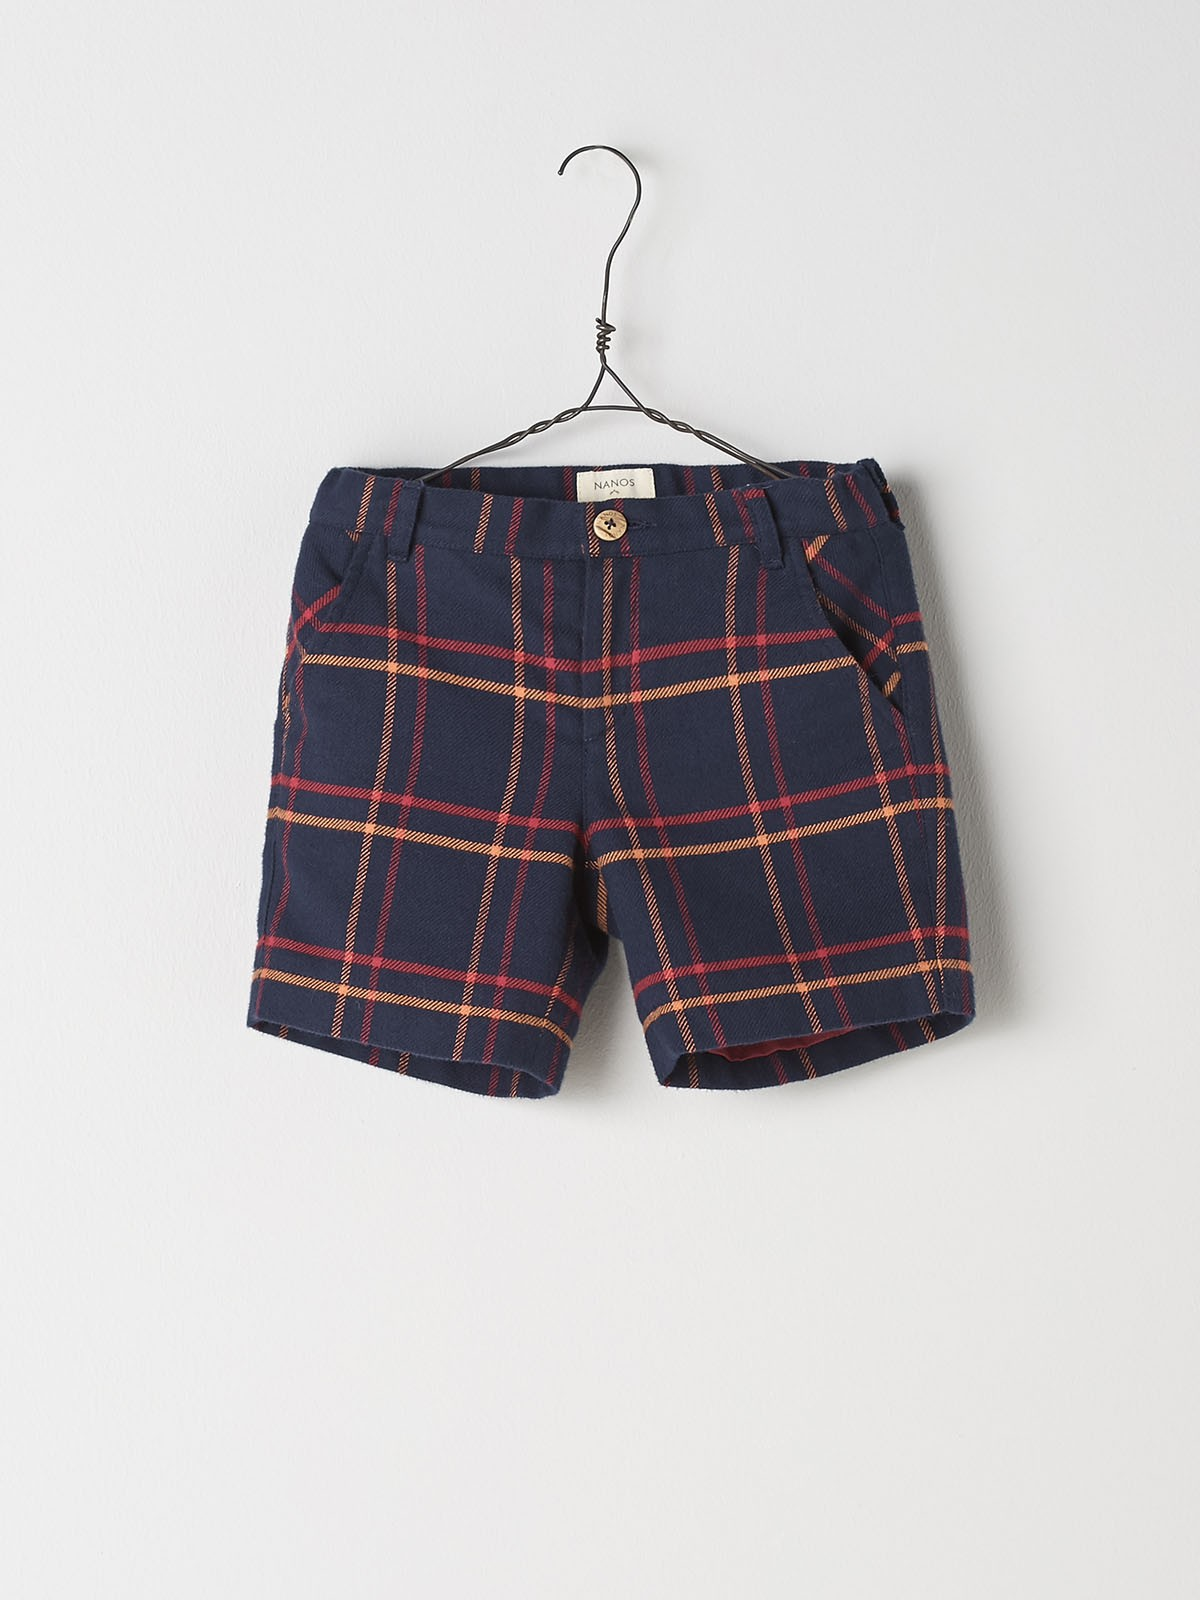 NANOS 格紋短褲